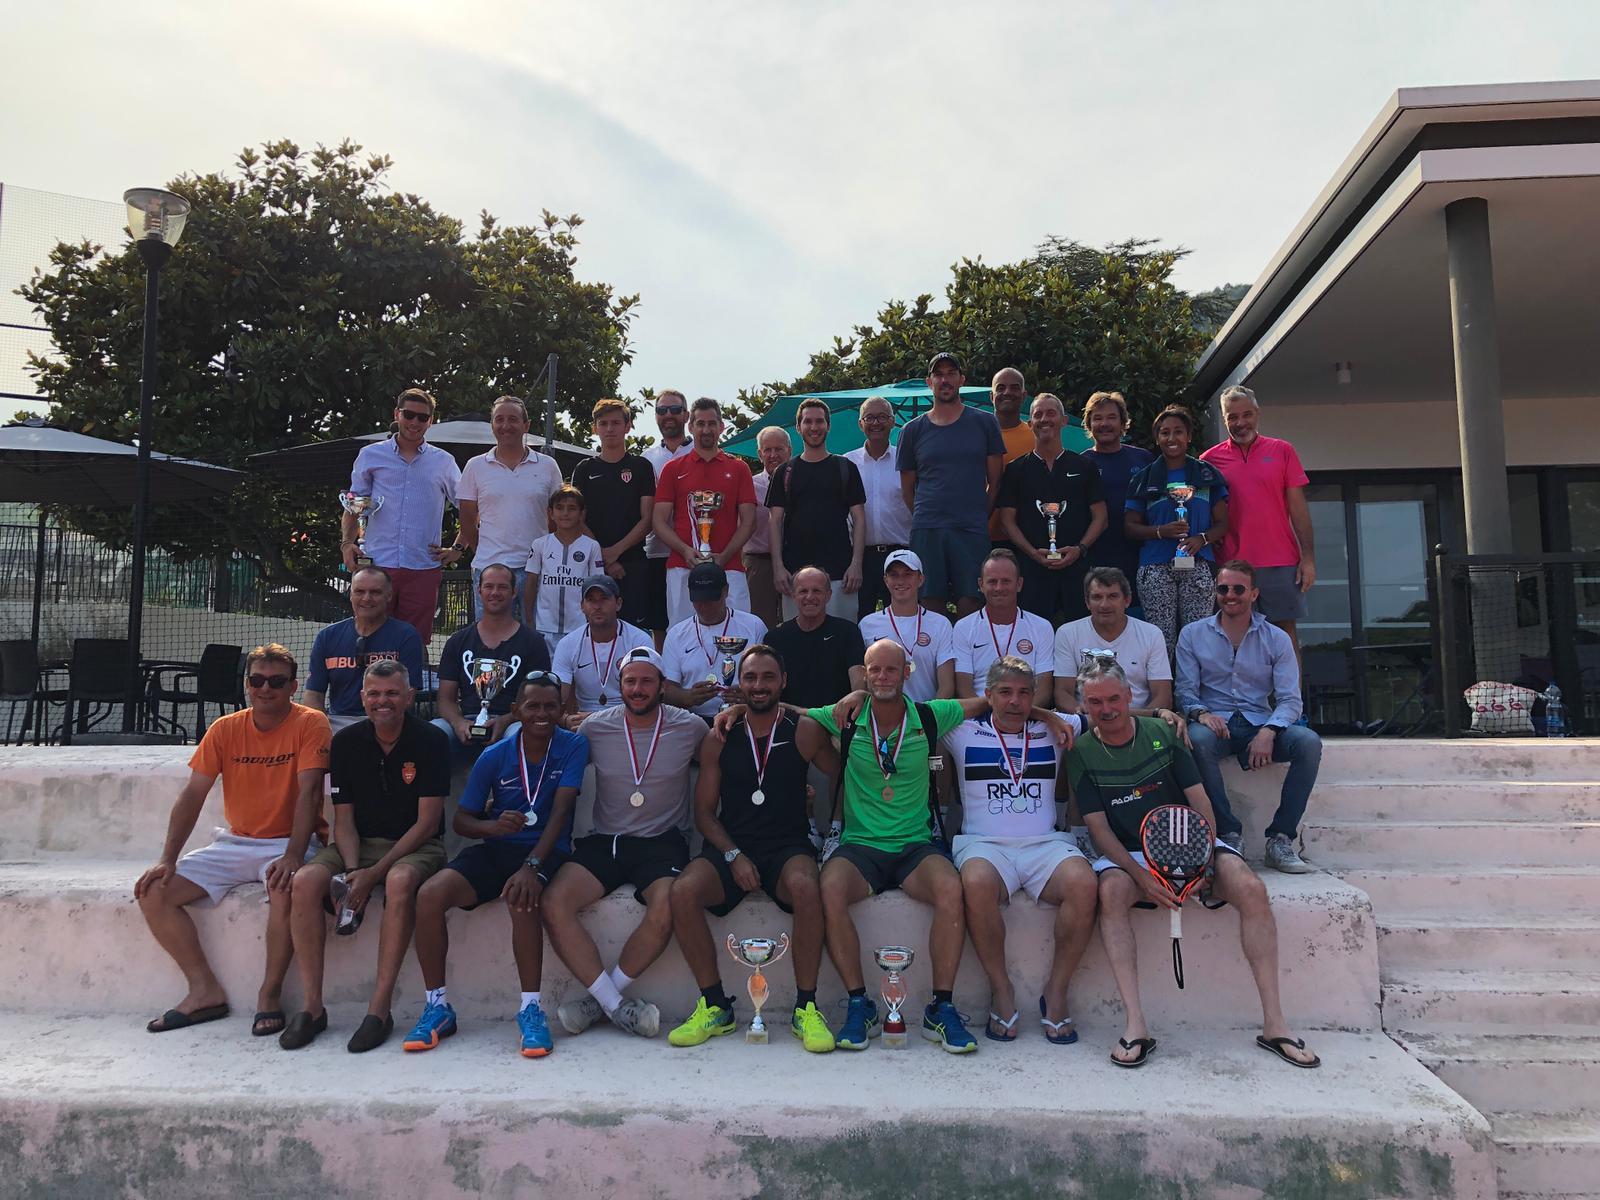 5th Inter-company Challenge PADEL MONACO / RIVIERA 2019